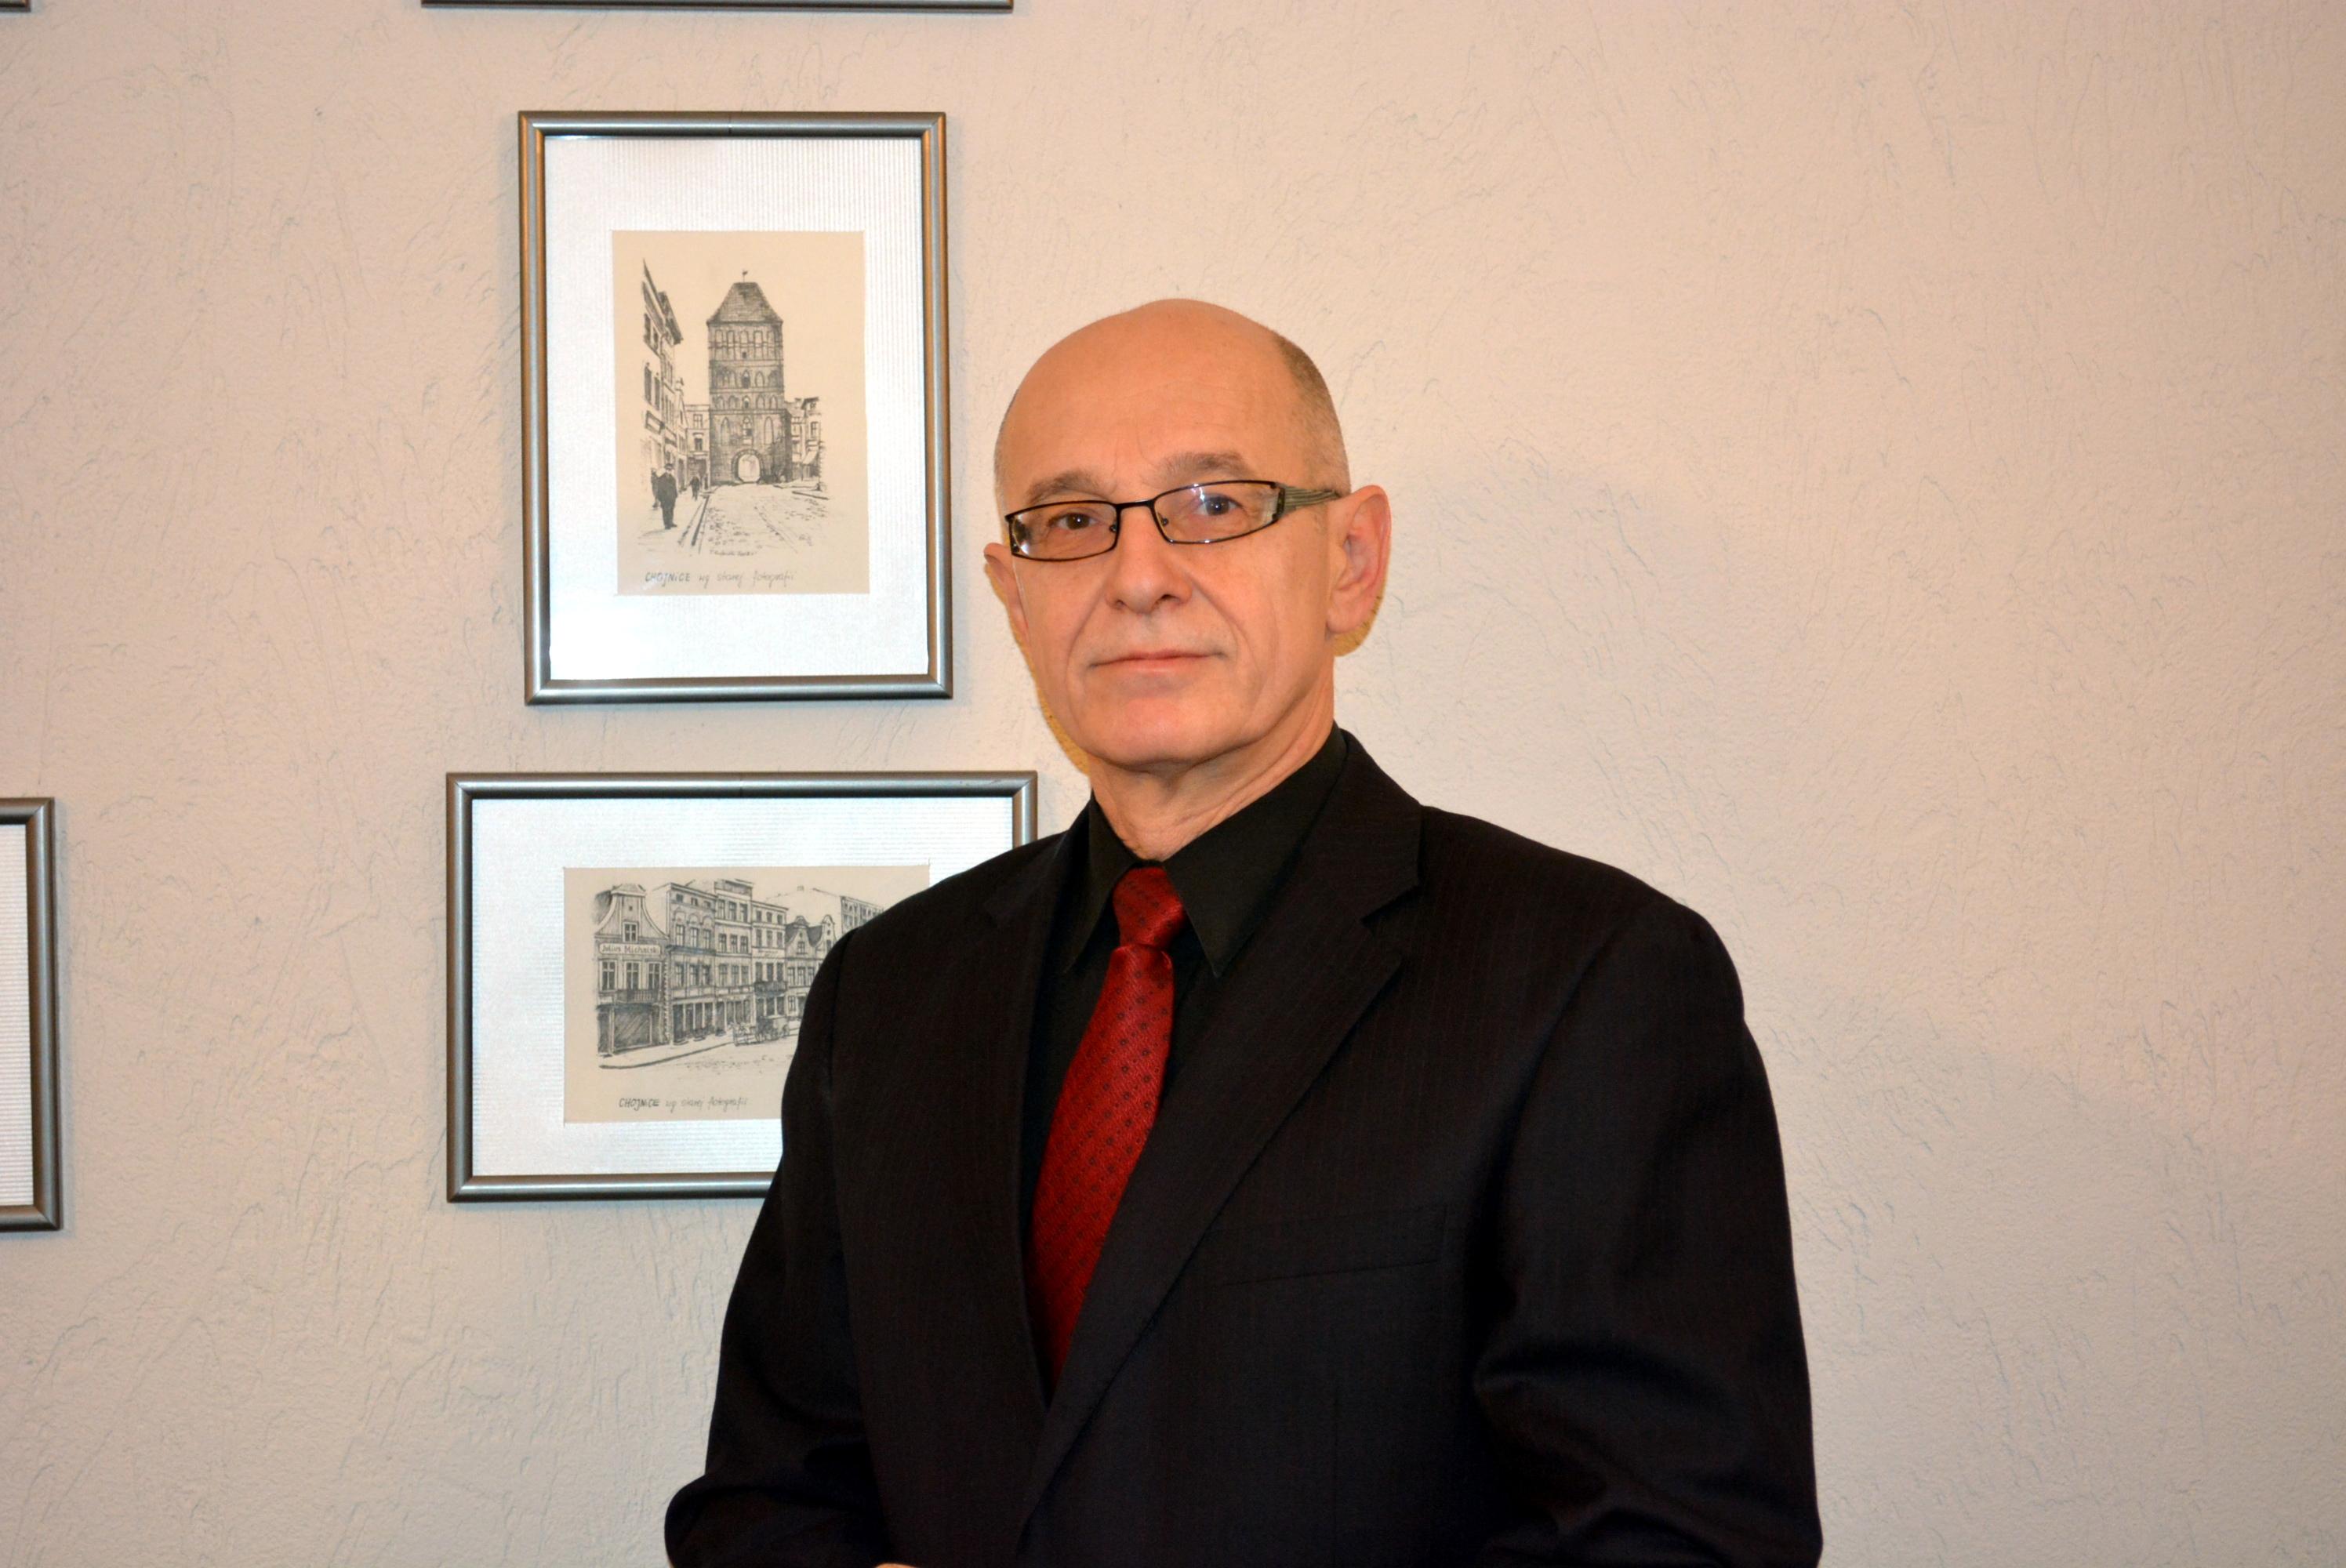 Stanislaw Skaja